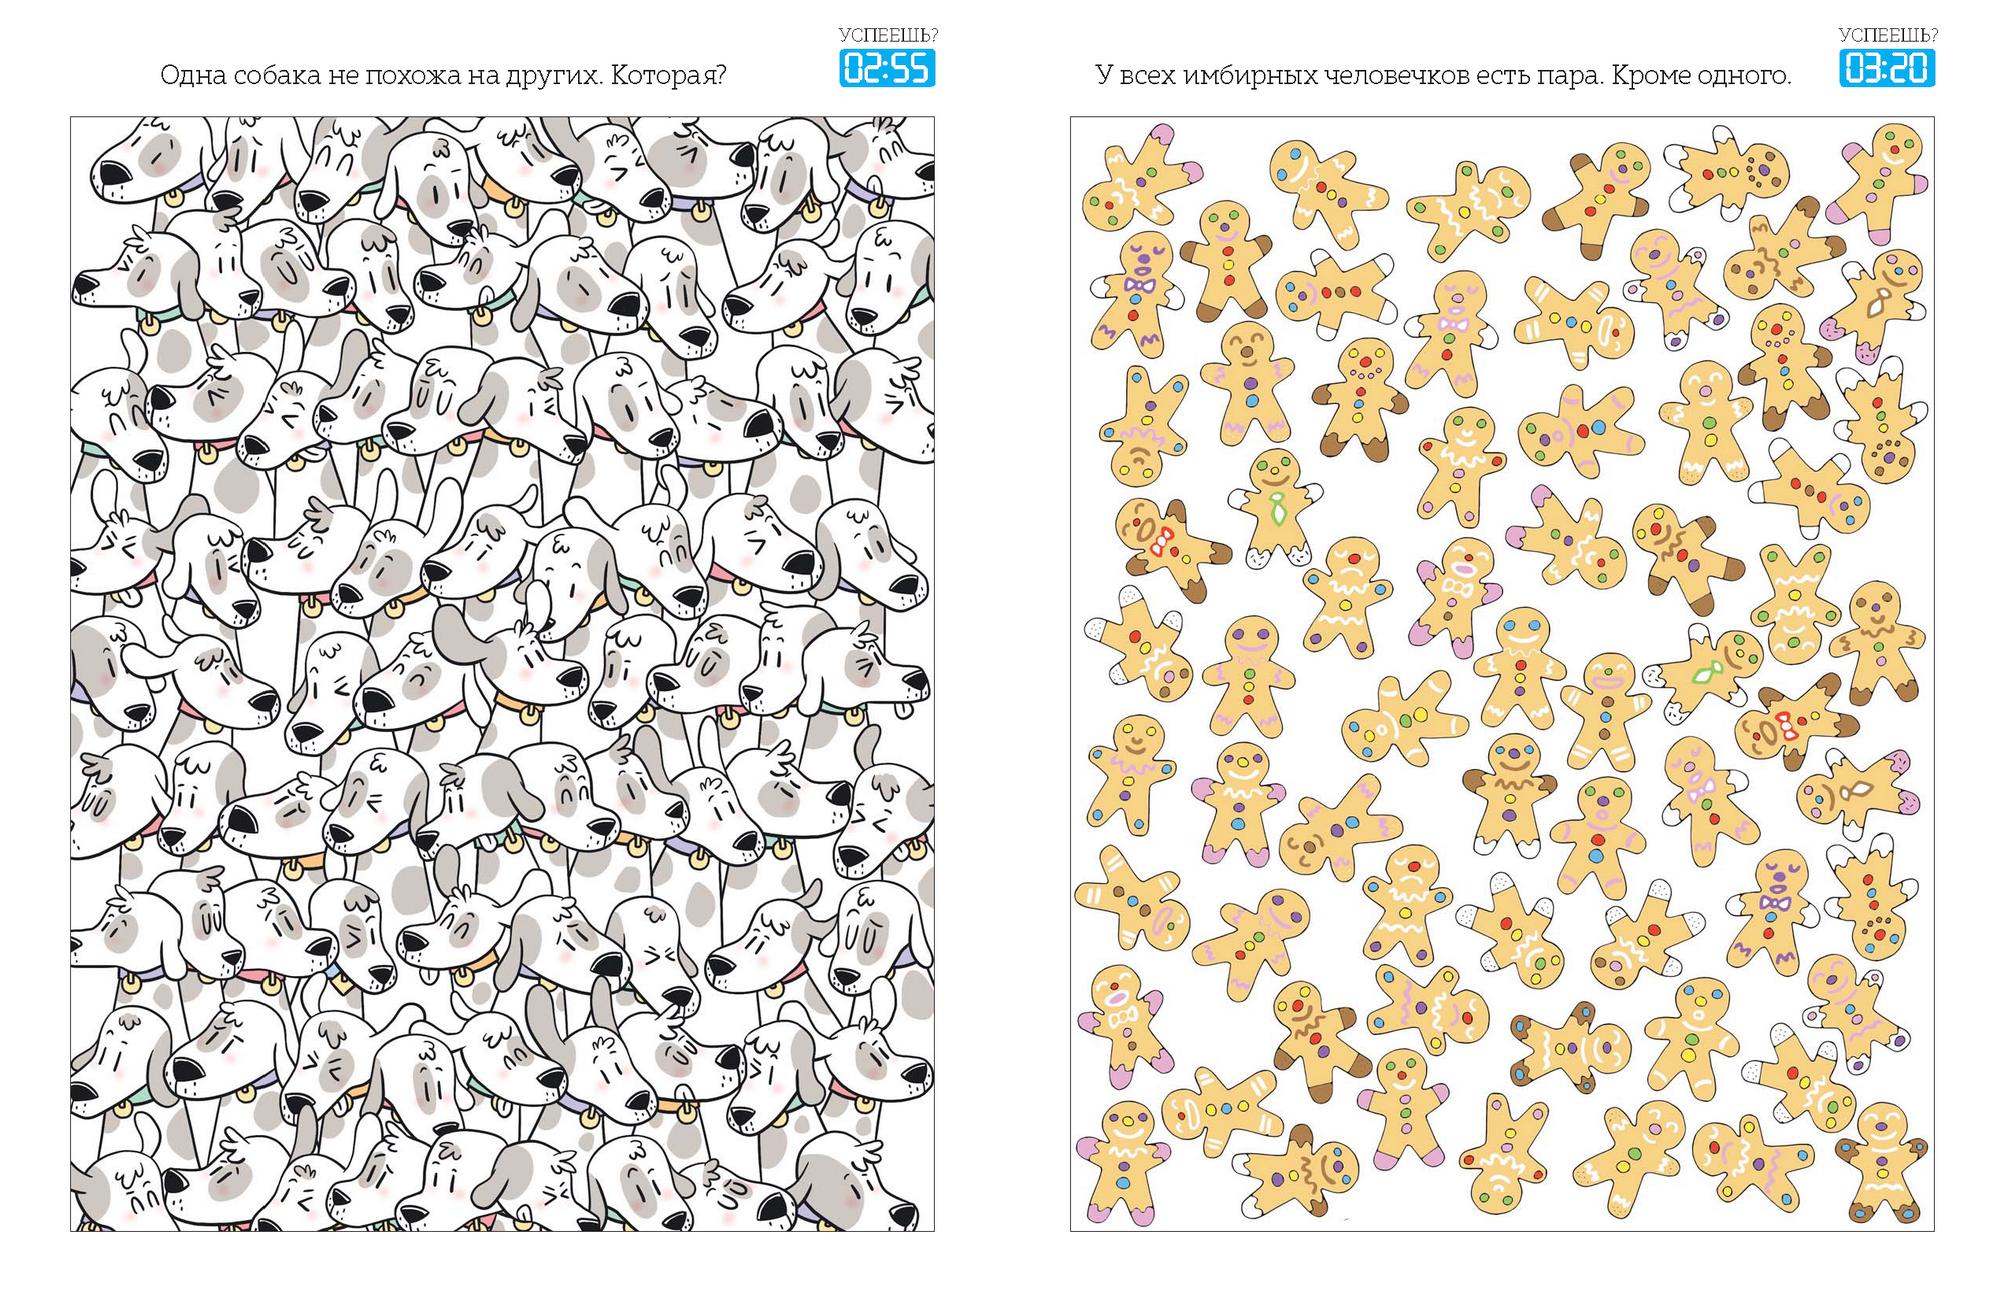 сайты с головоломками в картинках редких случаях гермафродит